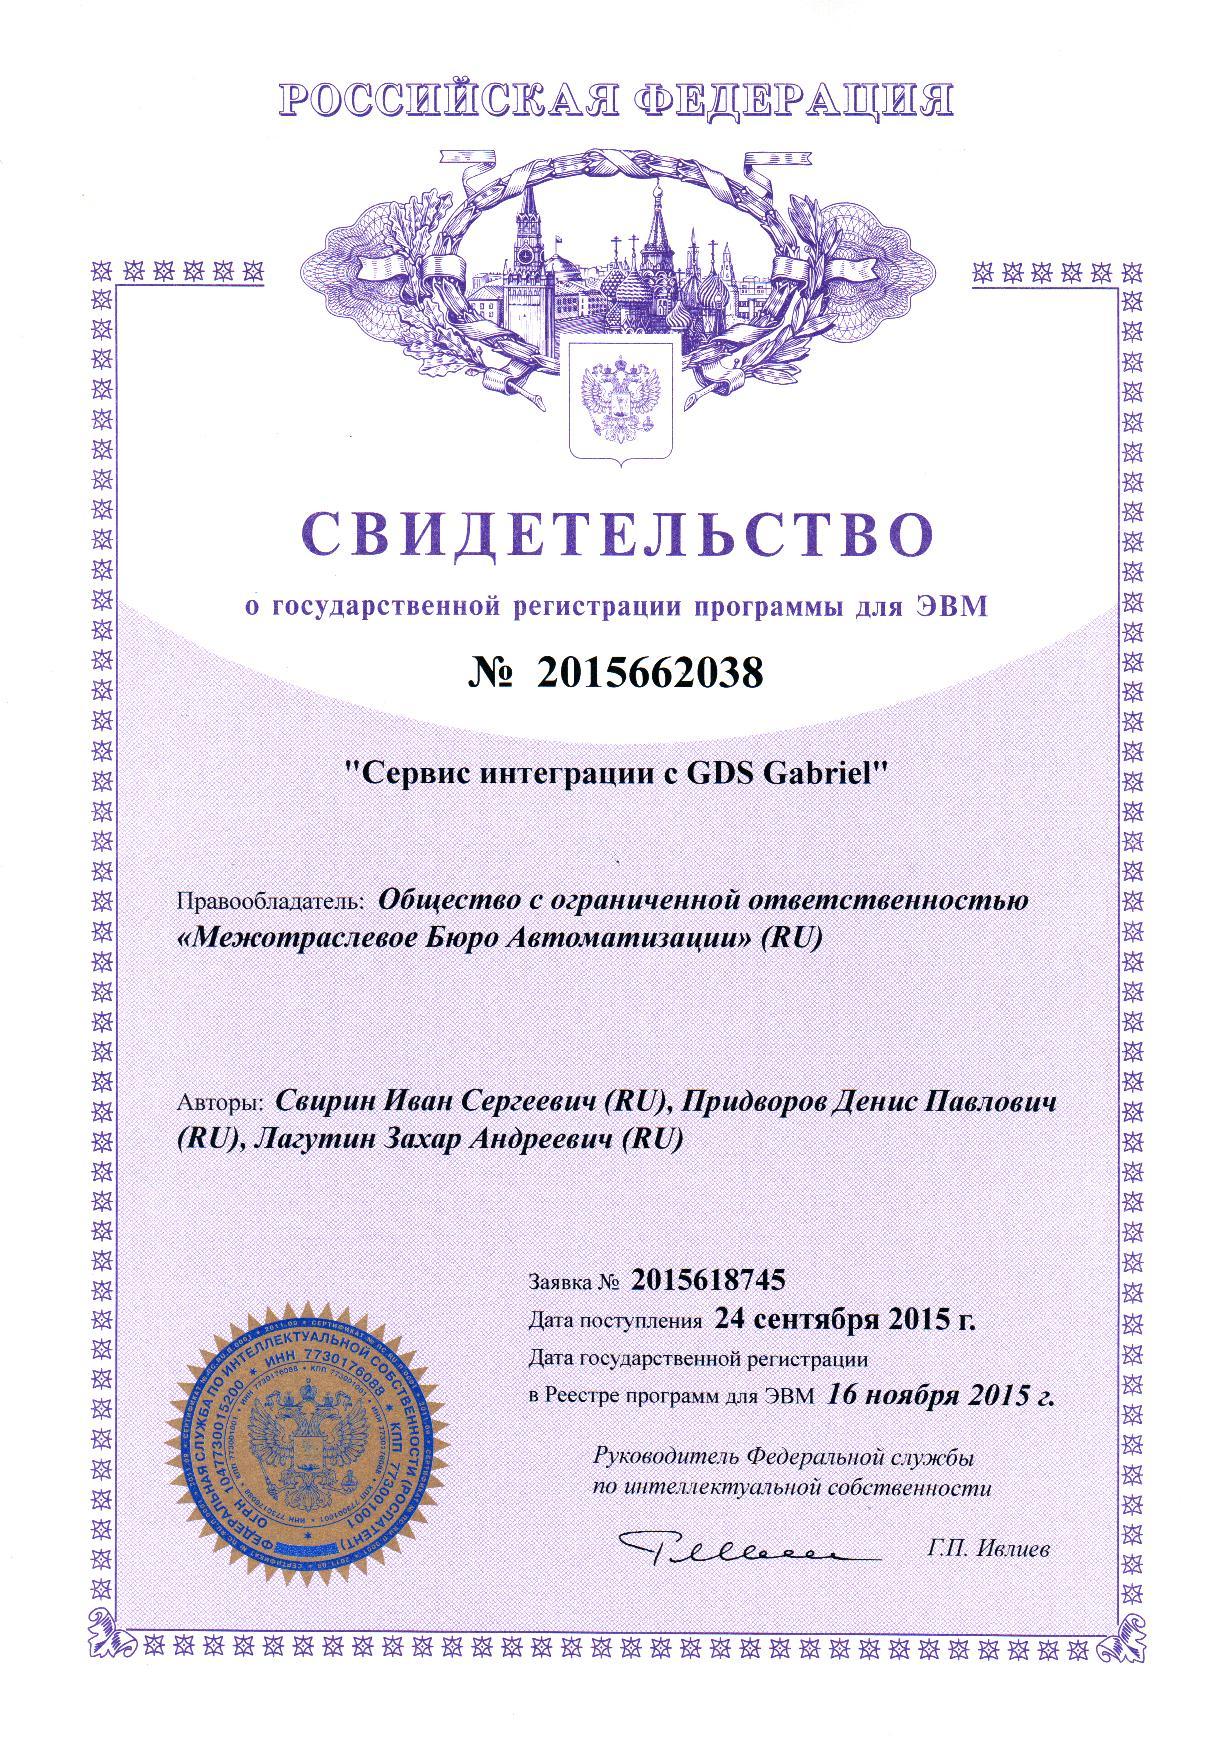 Свидетельство ПрЭВМ Сервис интеграции с GDS Gabriel 2015618745